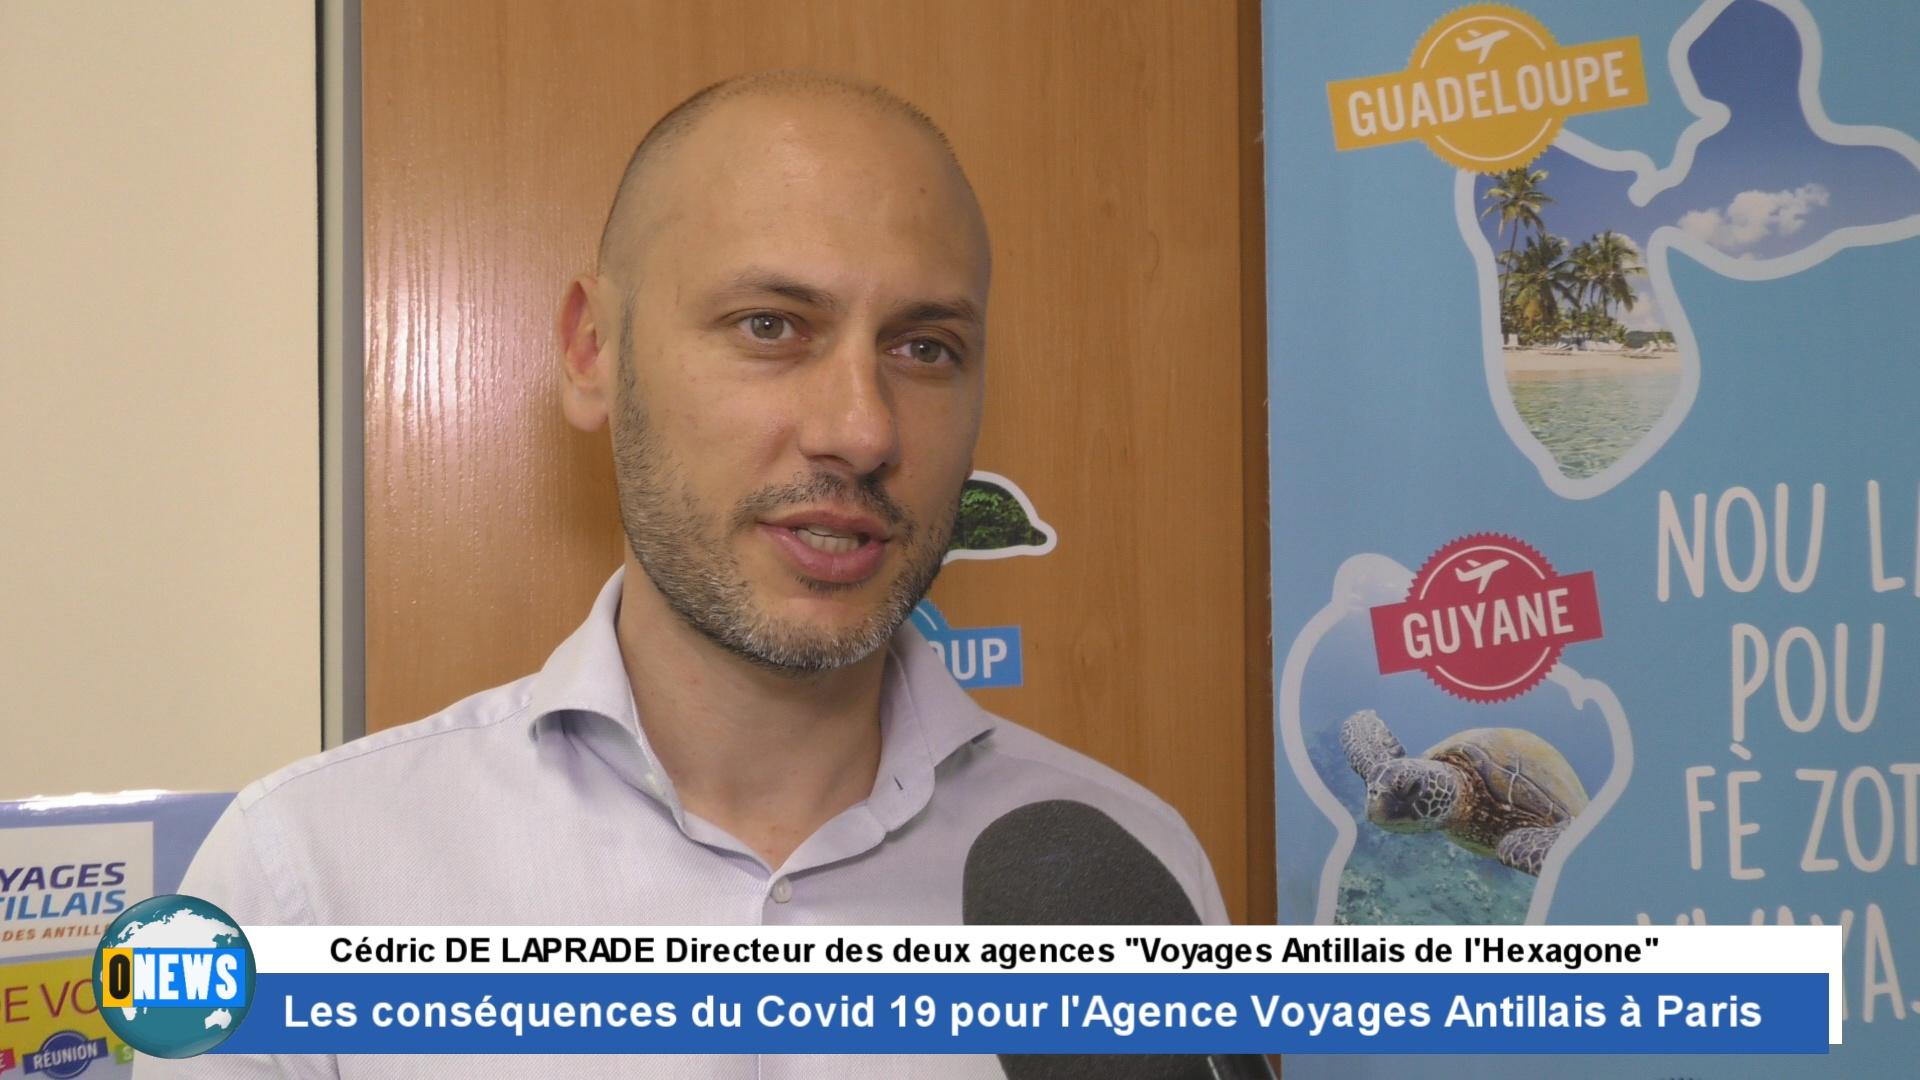 [Vidéo]Onews Hexagone. Les conséquences du Covid 19 pour l'Agence Voyages Antillais à Paris